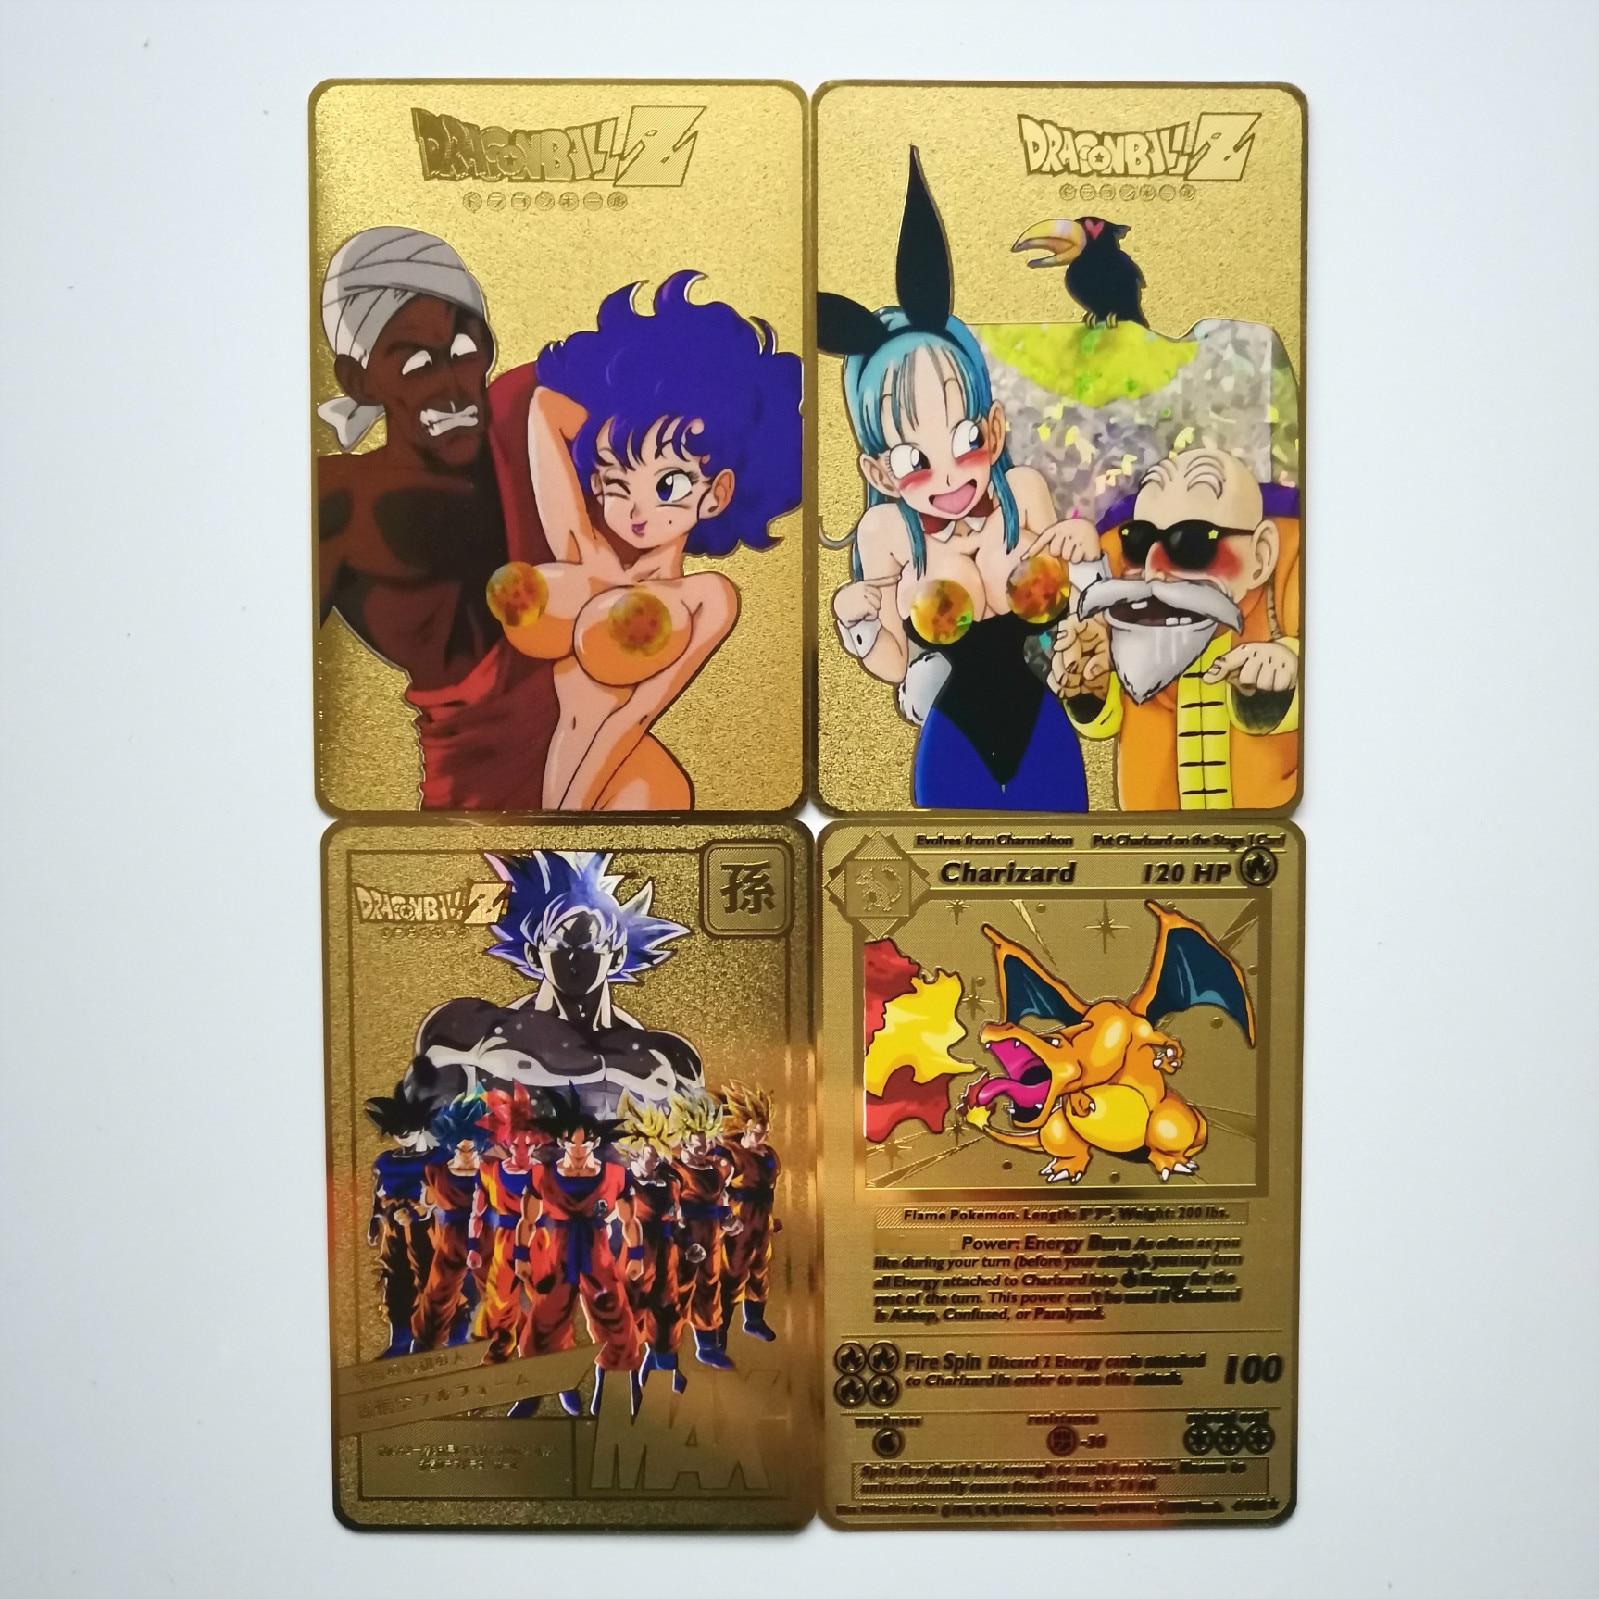 Dragon Ball золотая металлическая карточка супер игра Коллекция аниме-открытки игра детская игрушка